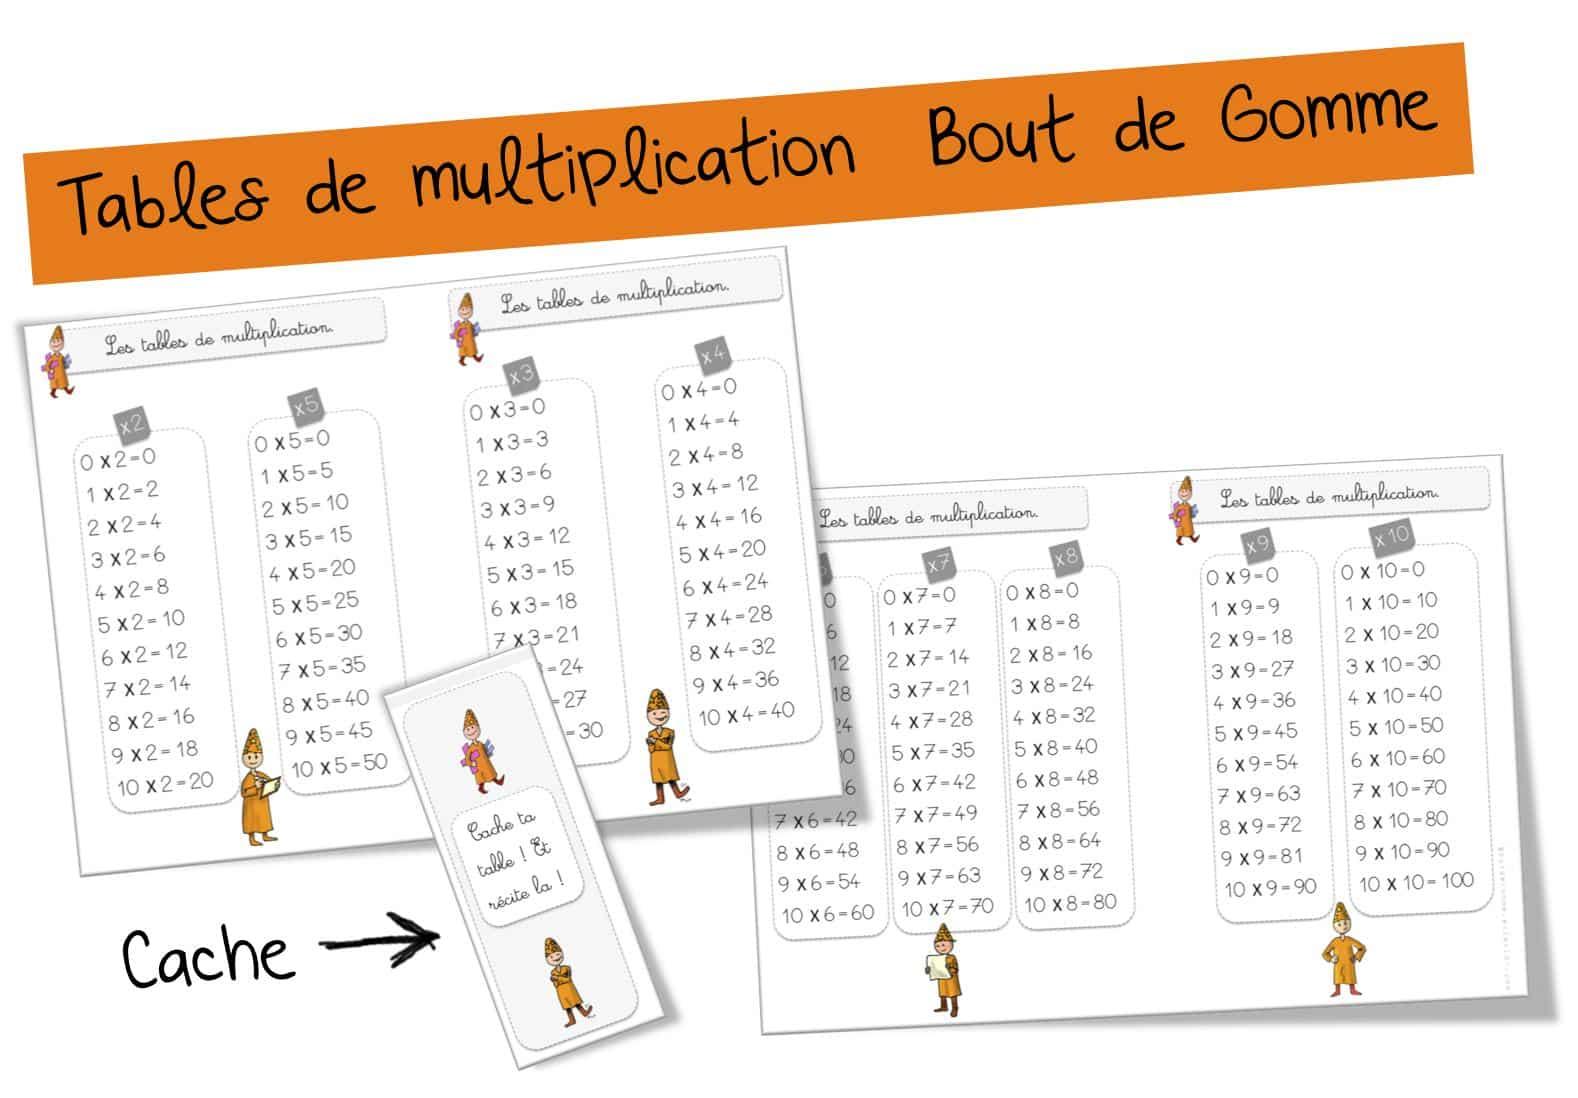 Comment apprendre les tables de multiplication - Table des tables de multiplication ...